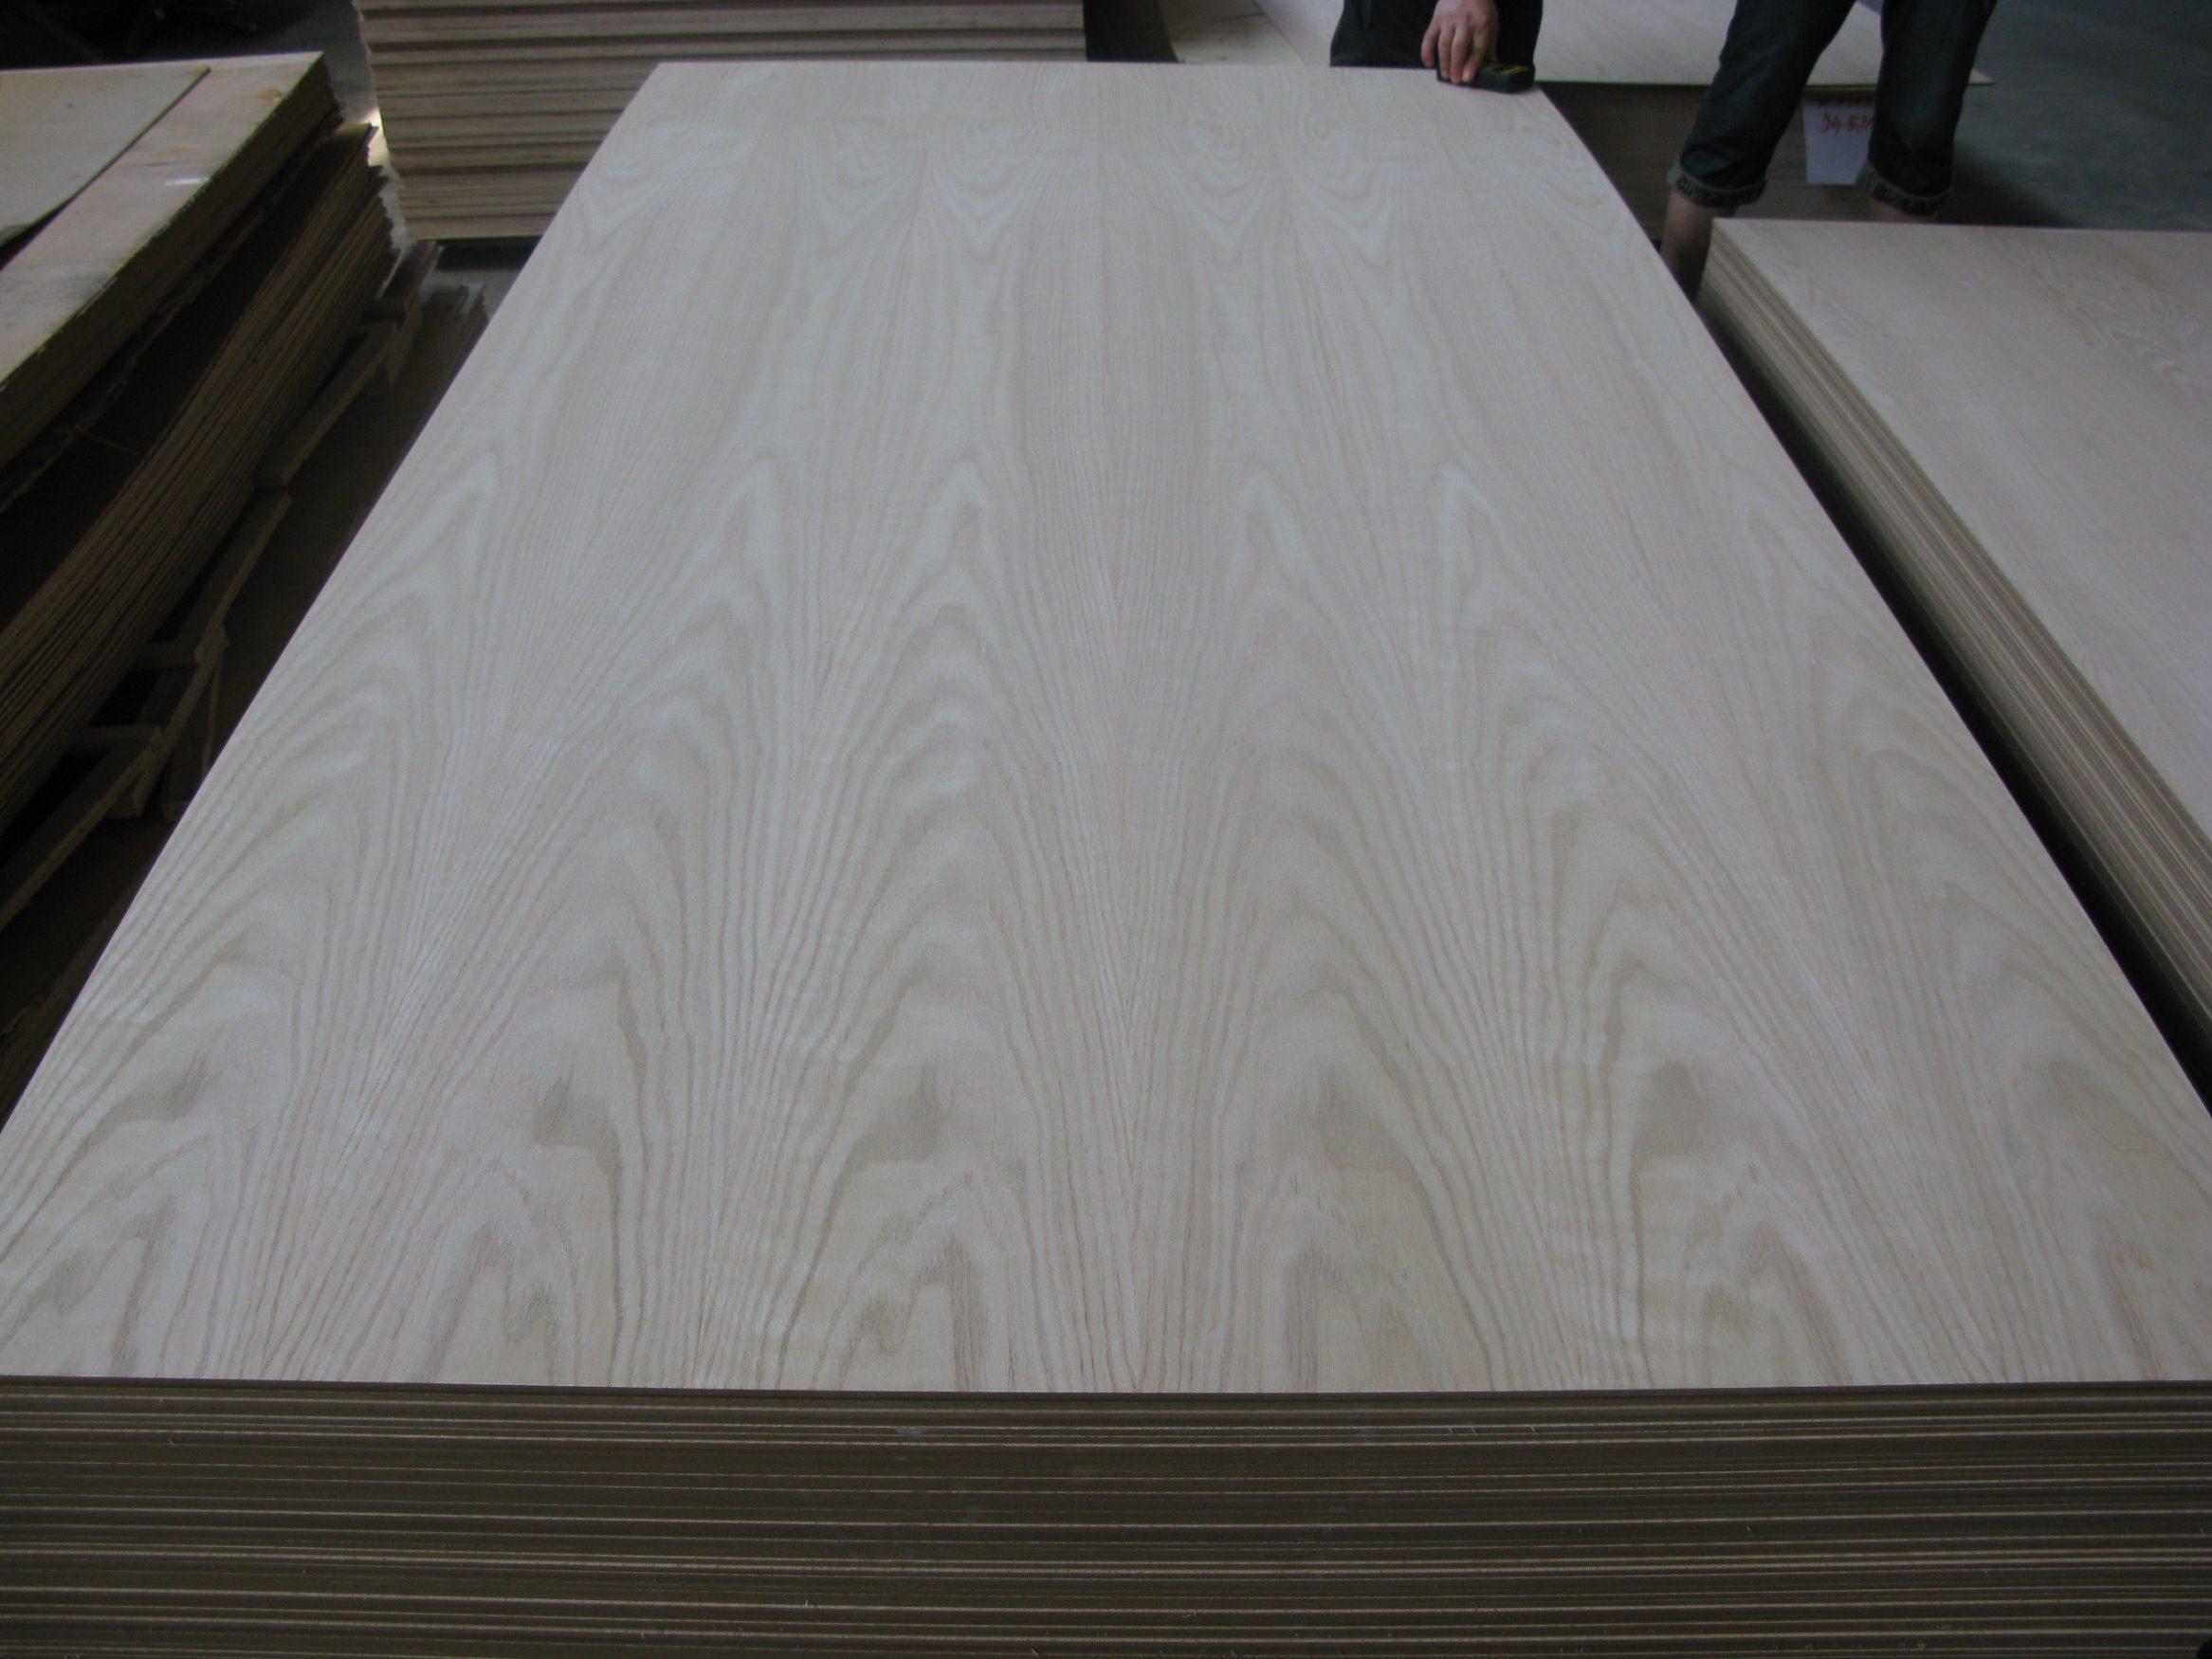 P/S Fancy American Ash Red Oak Plywood 18mm